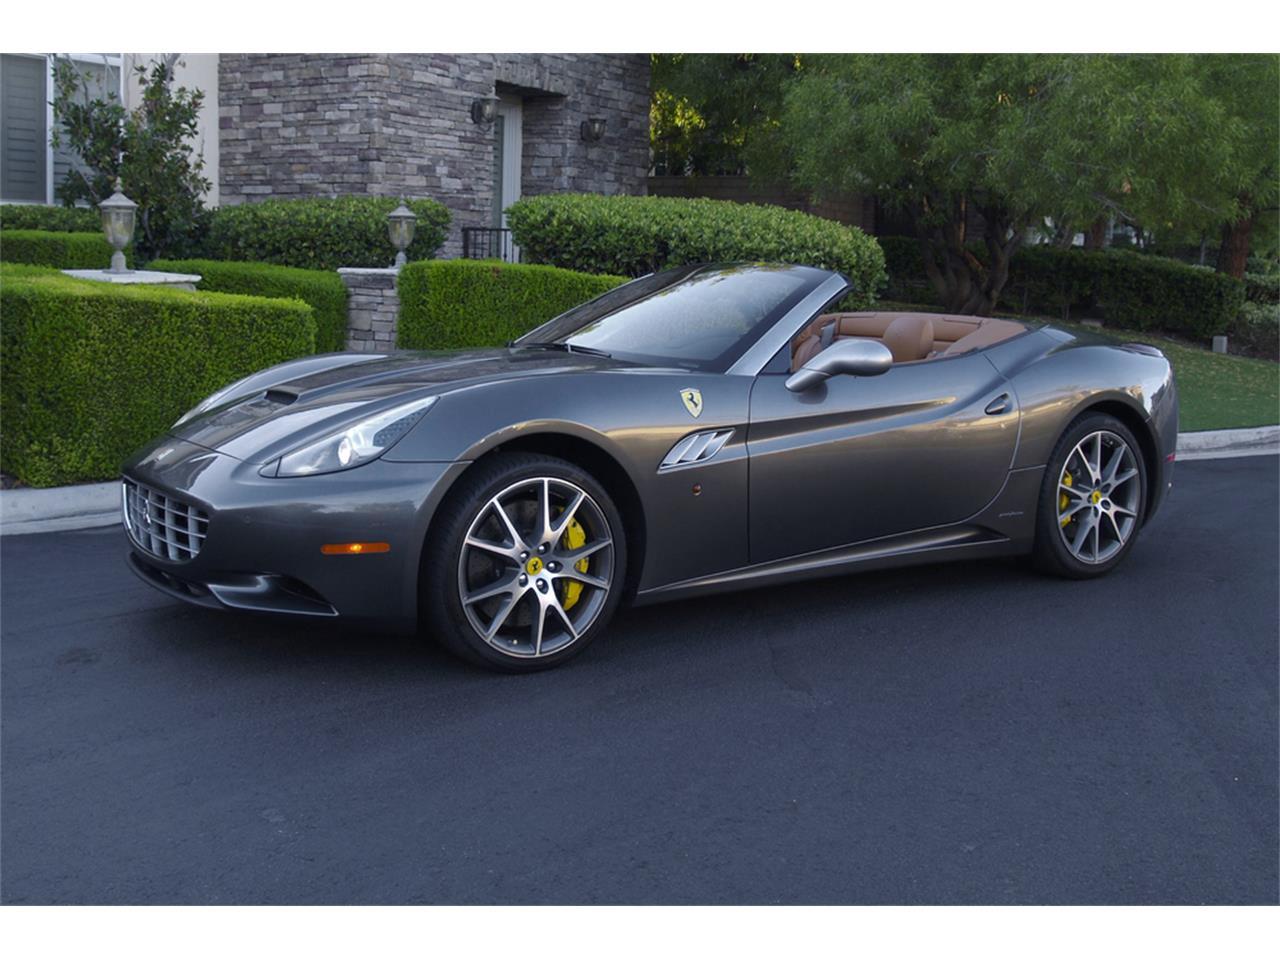 2012 Ferrari California for Sale | ClassicCars.com | CC ...